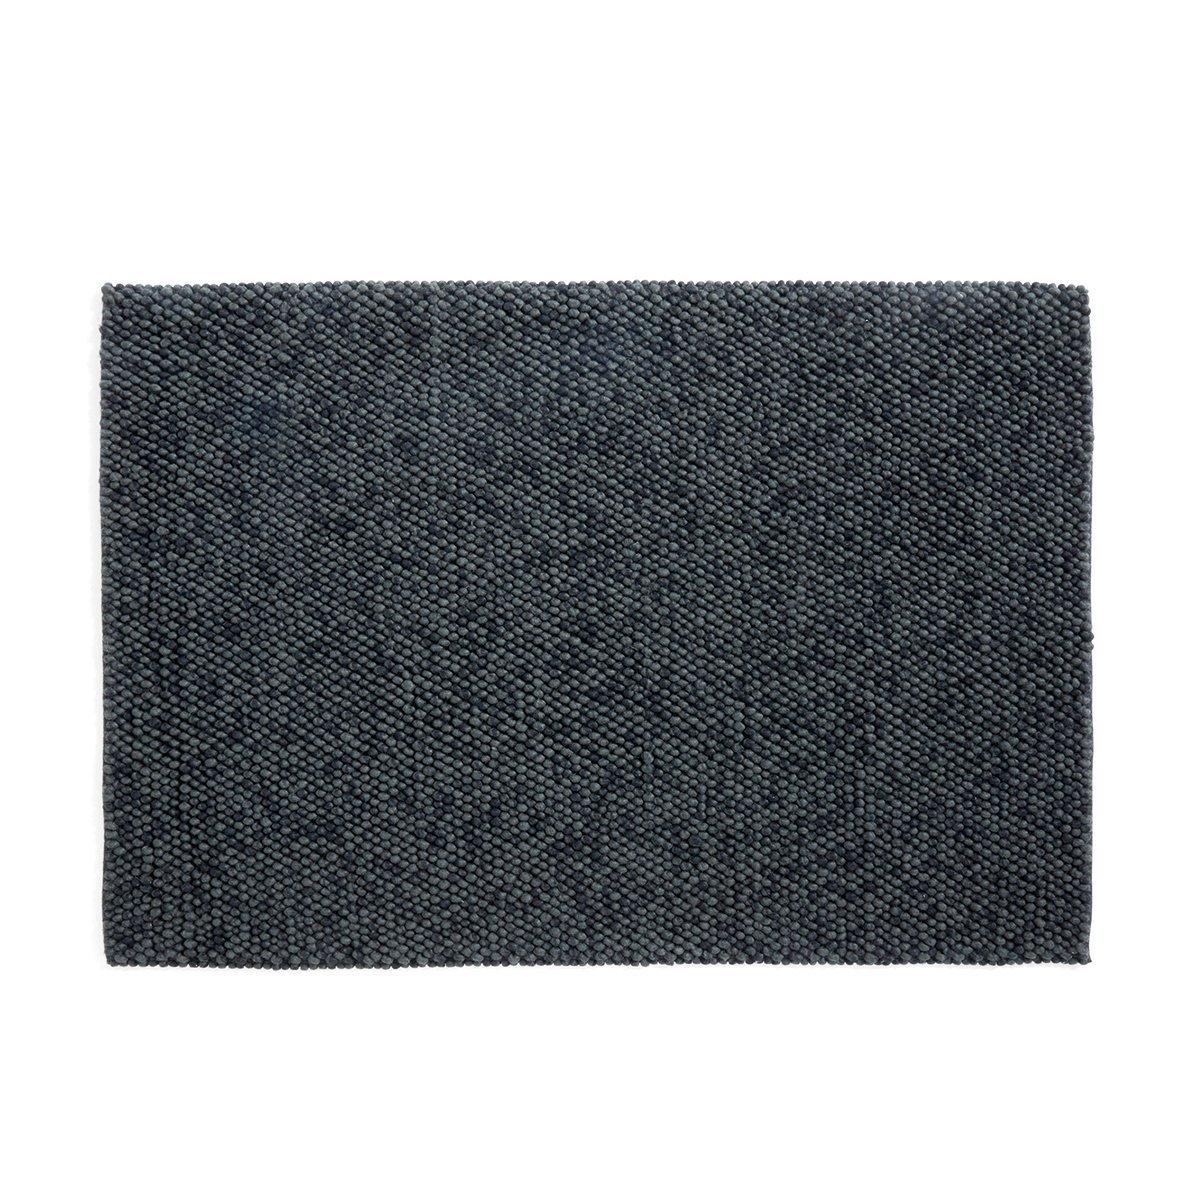 Peas Karpet Vloerkleed - Hay Groen 140 x 80 cm.